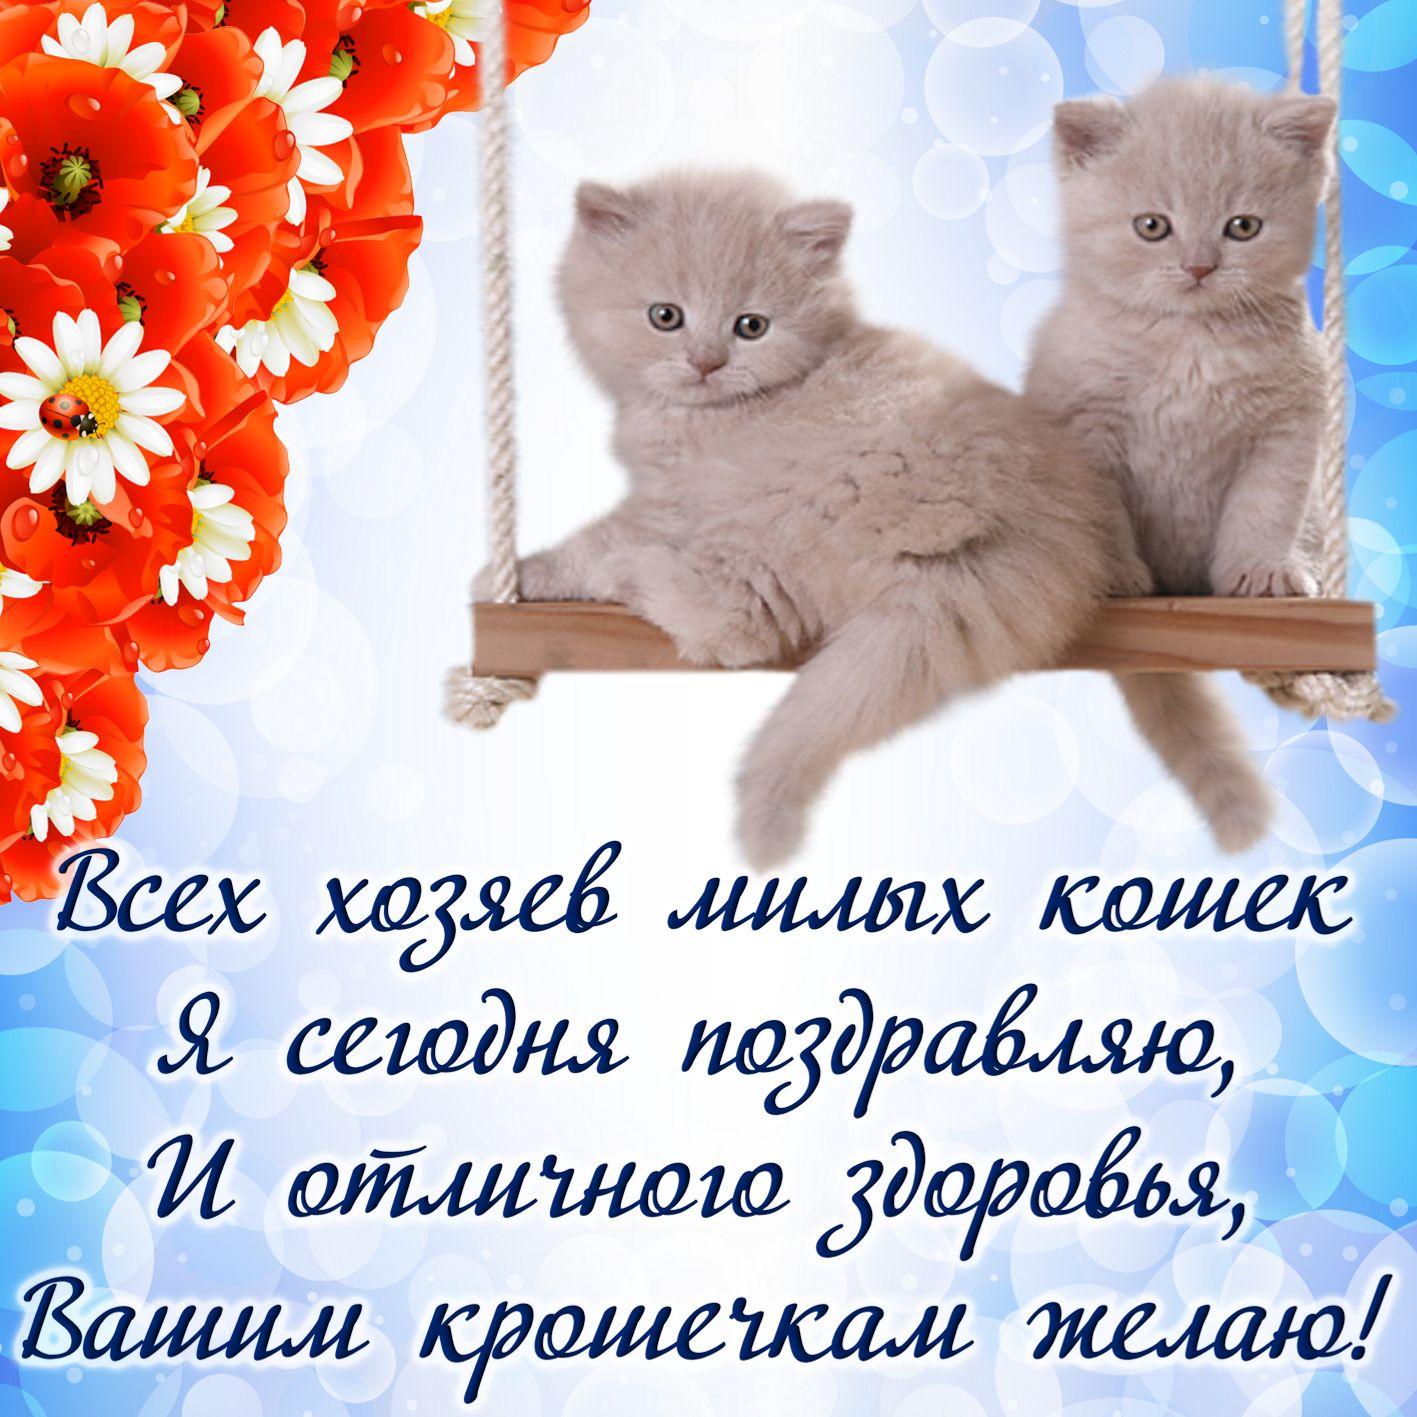 Открытка на День кошек - пожелание и белые котята к празднику